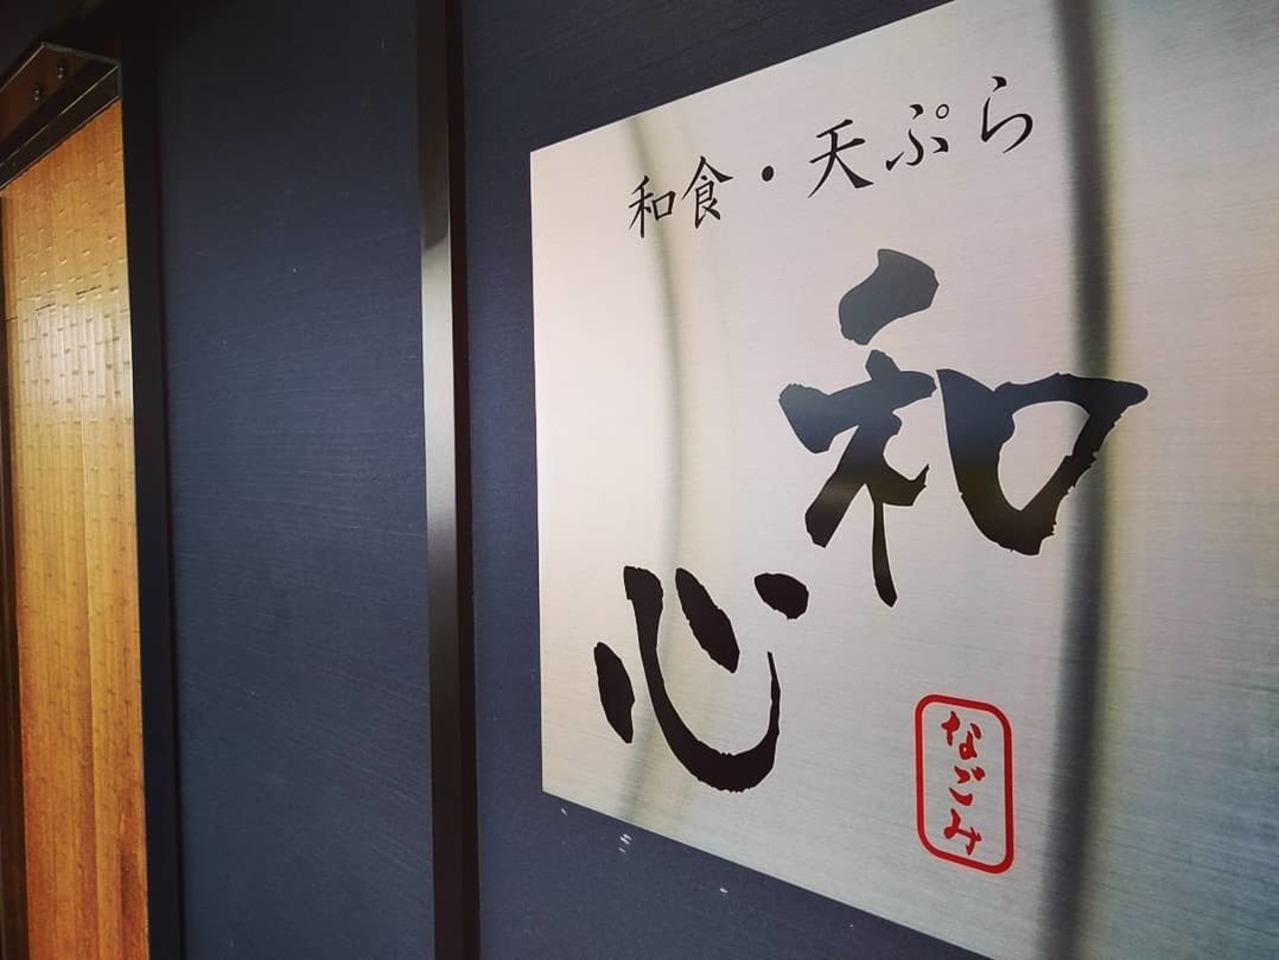 京都府京田辺市山手南2丁目に和食・天ぷら「和心(なごみ)」が8/1オープンされたようです。